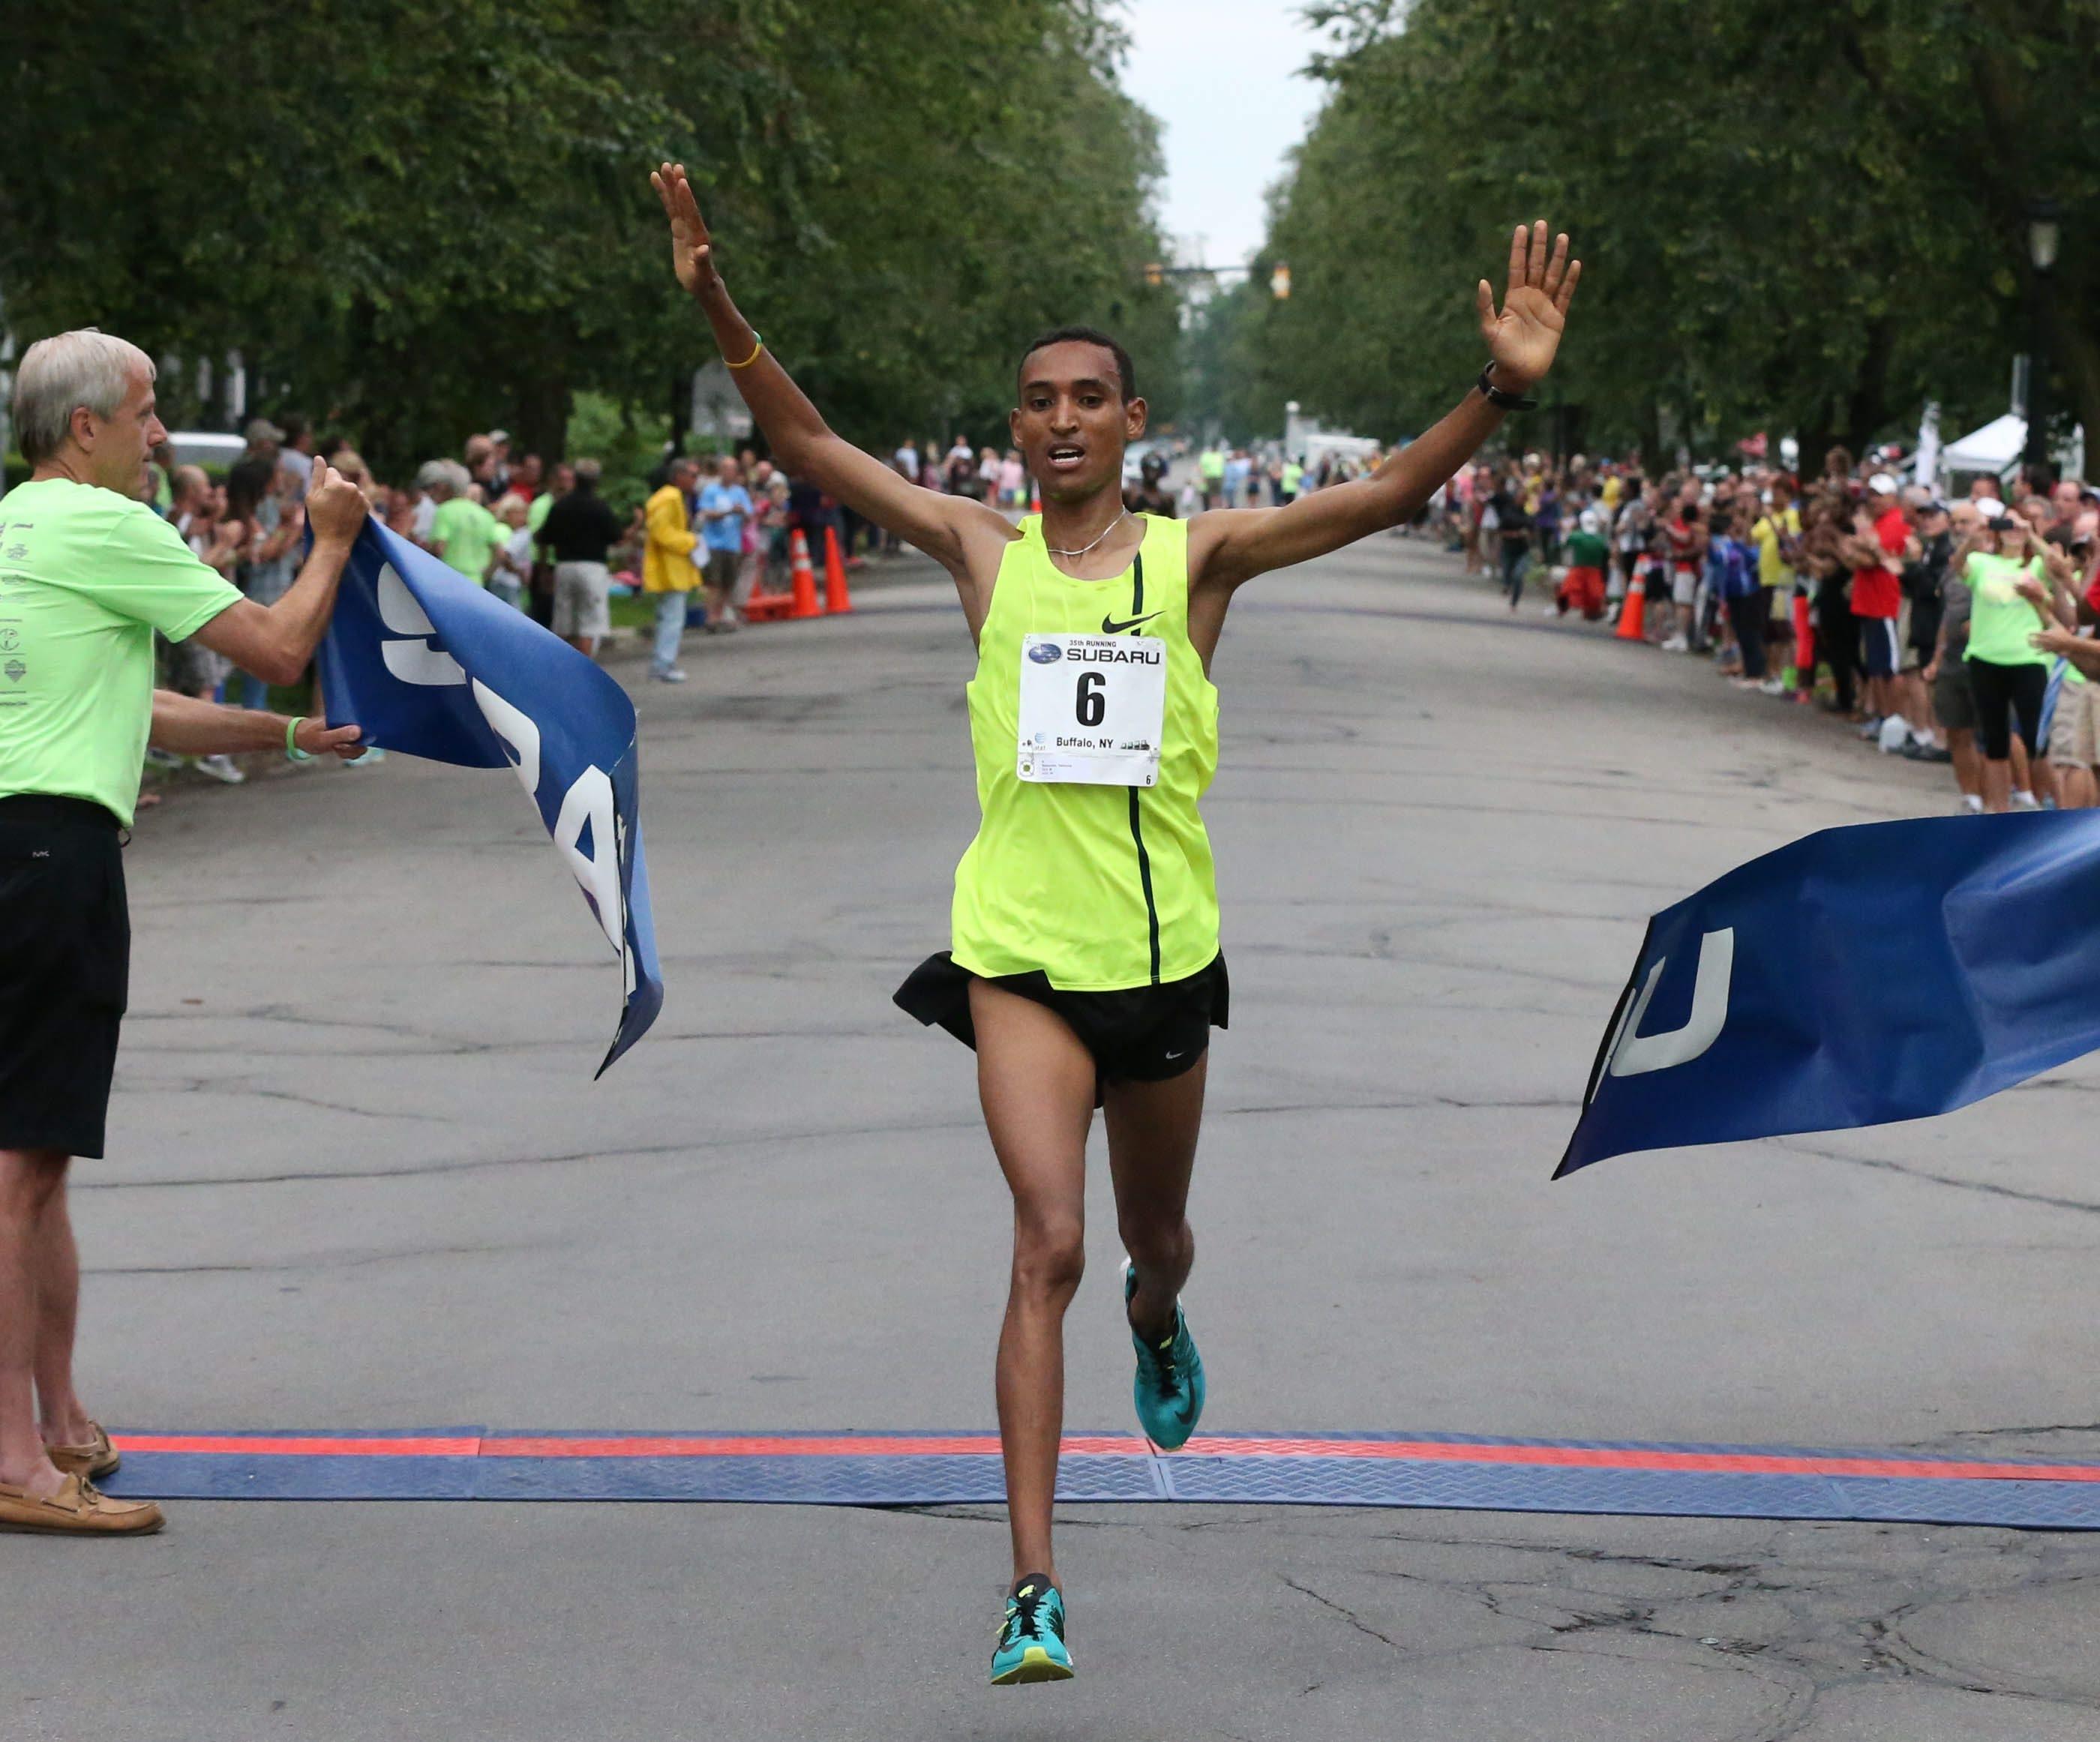 Teshome Mekeonen wins the 2015 Subaru Chase; more than 13,000 runners took part.